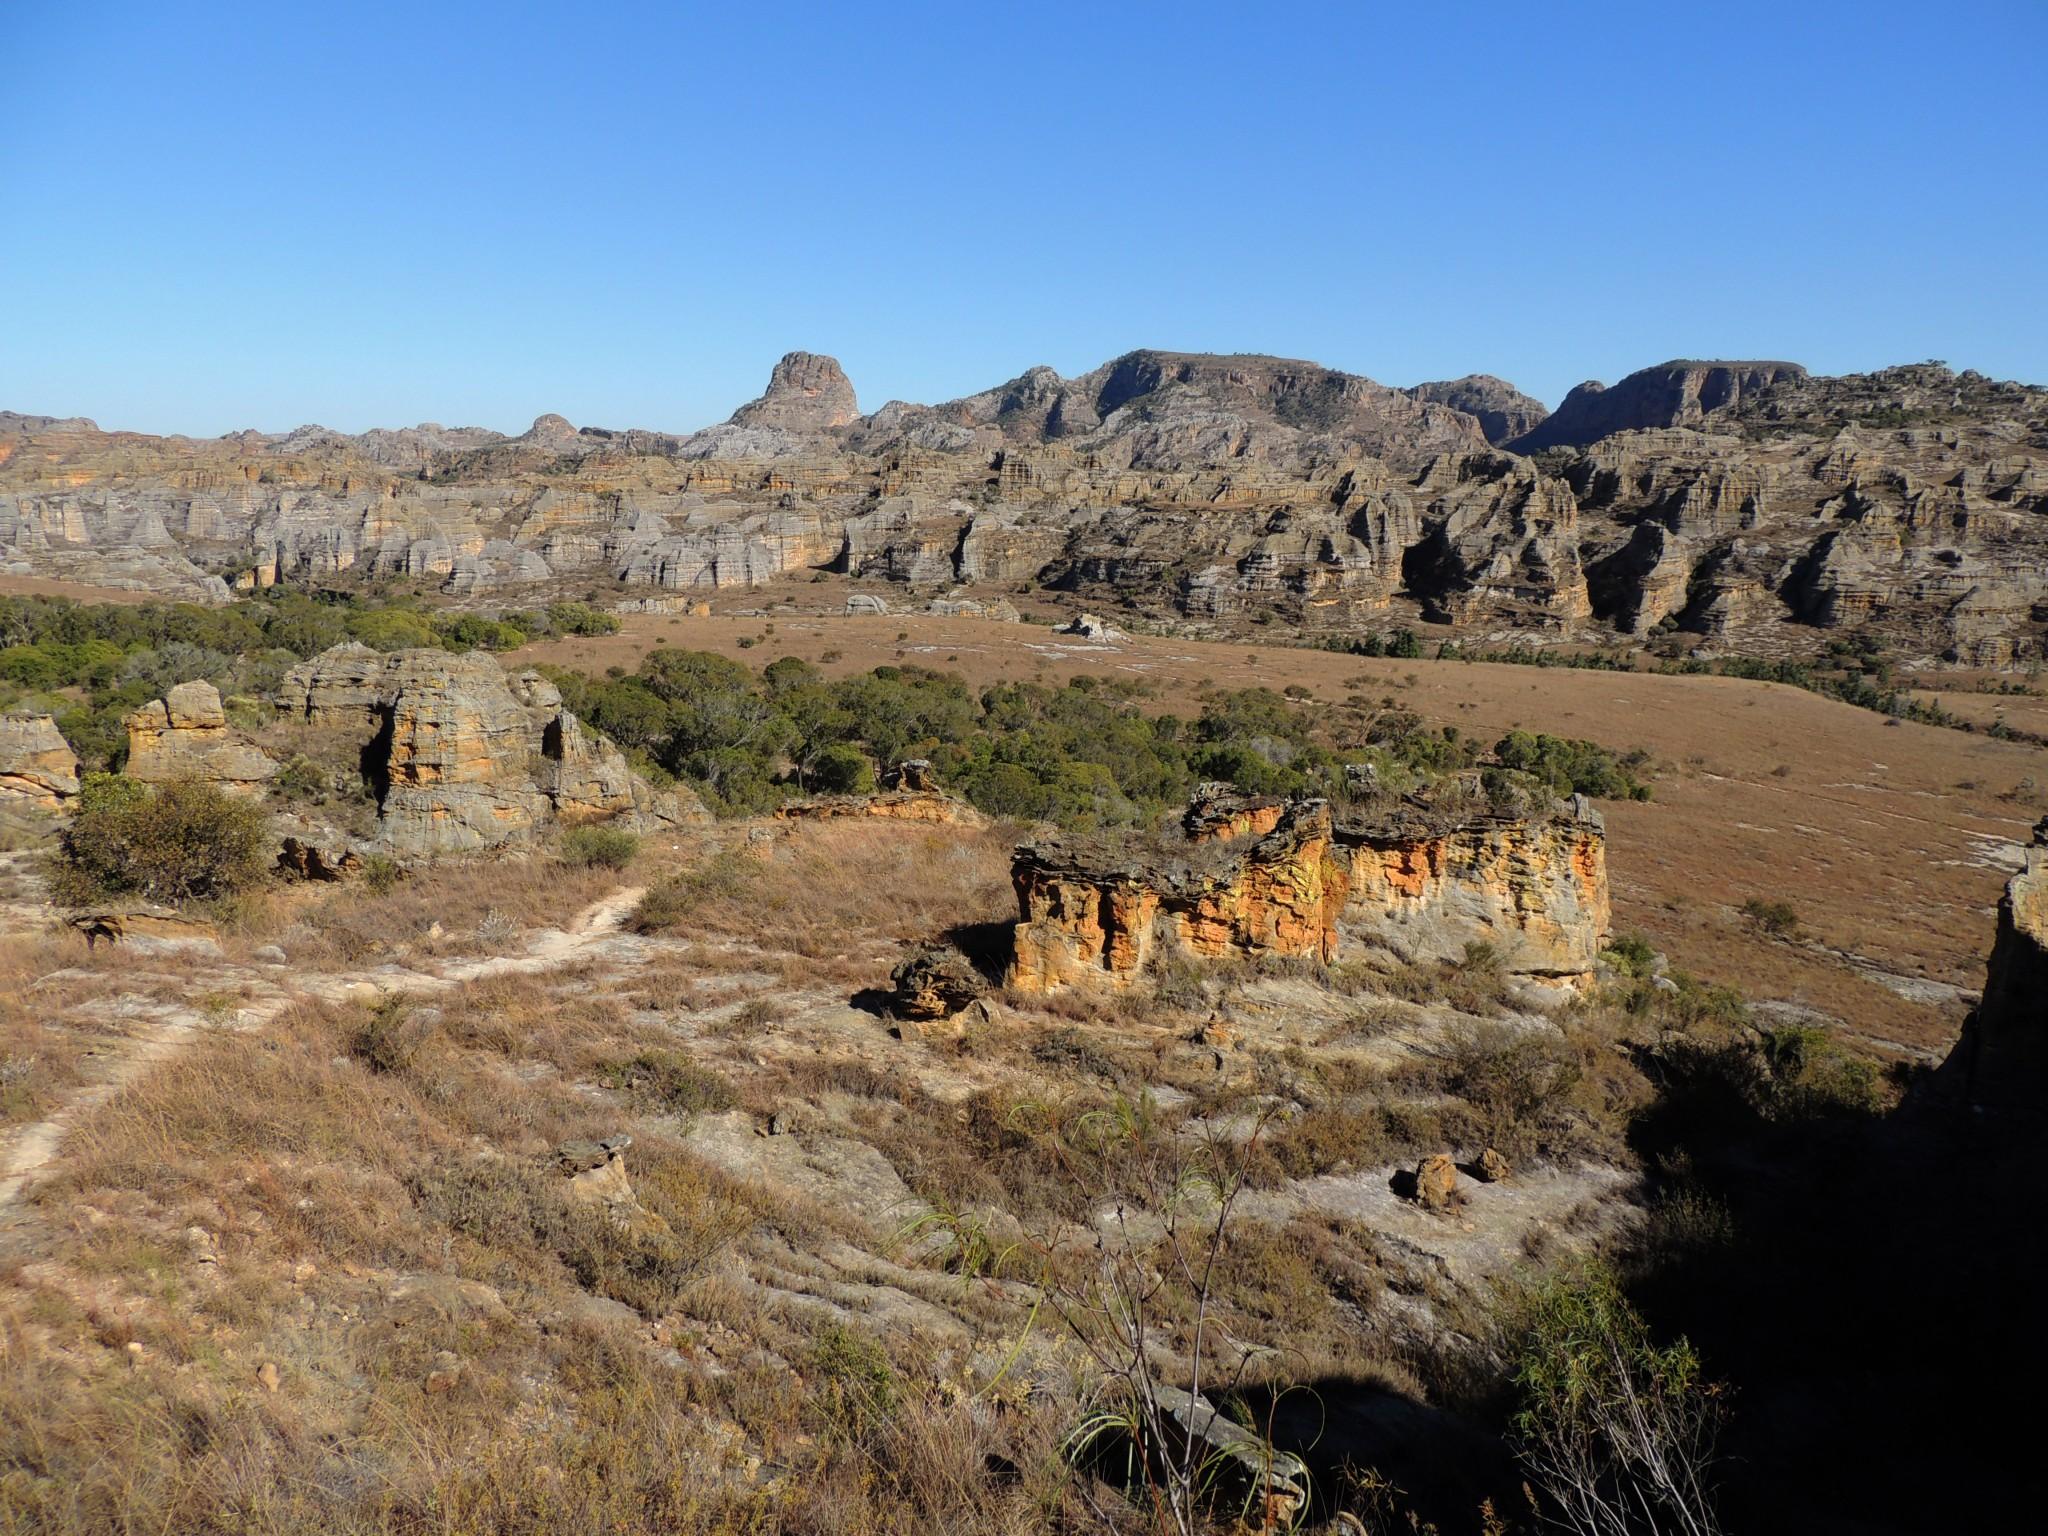 Madagascar, Isalo National Park